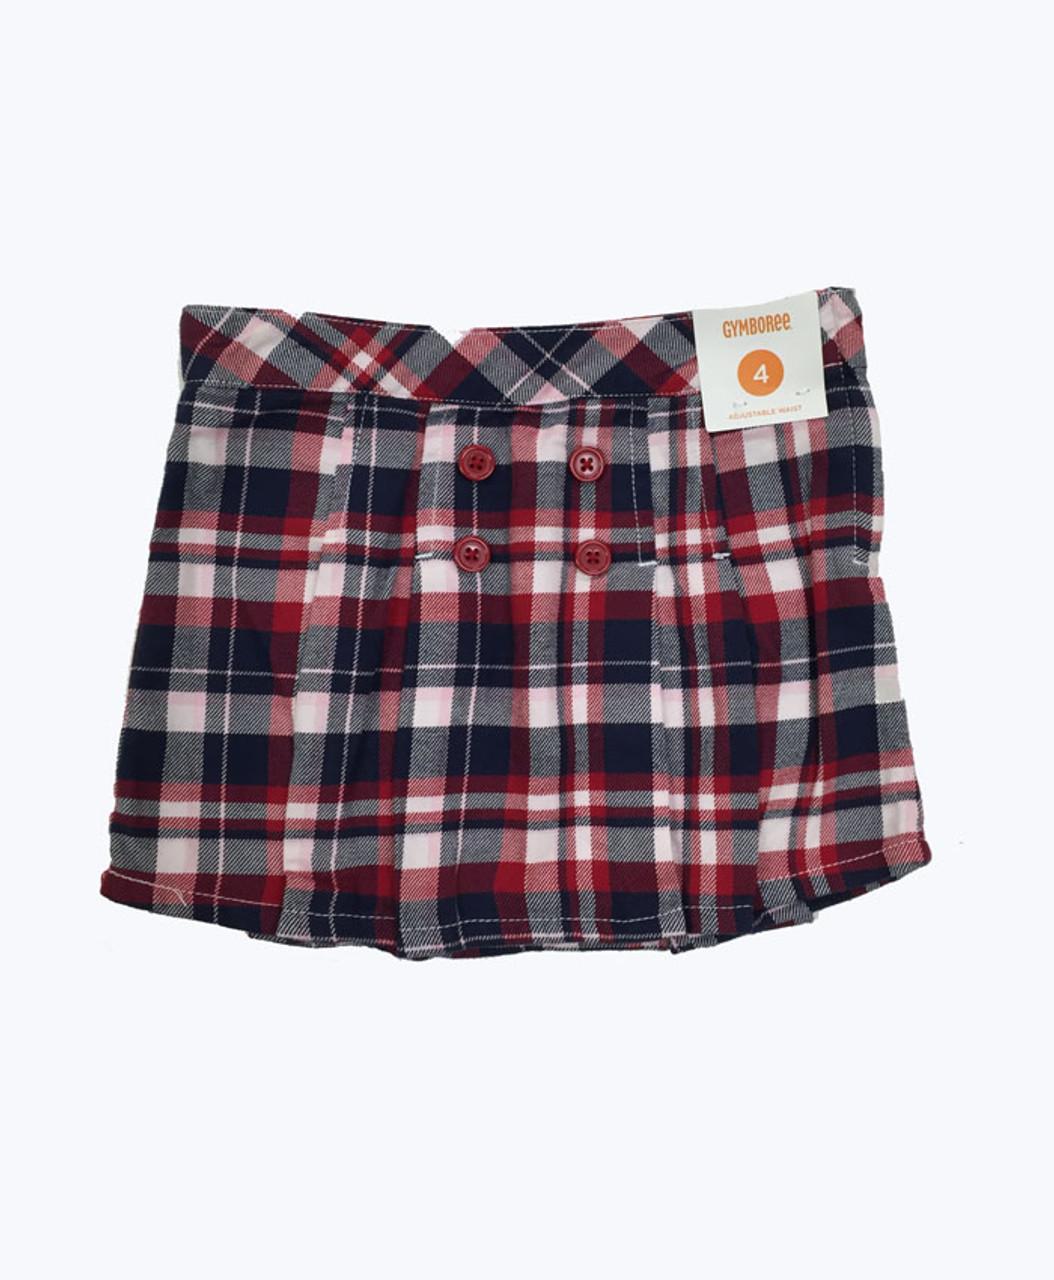 Baby Gap Toddler Girl 4 Red Pink Plaid Skirt